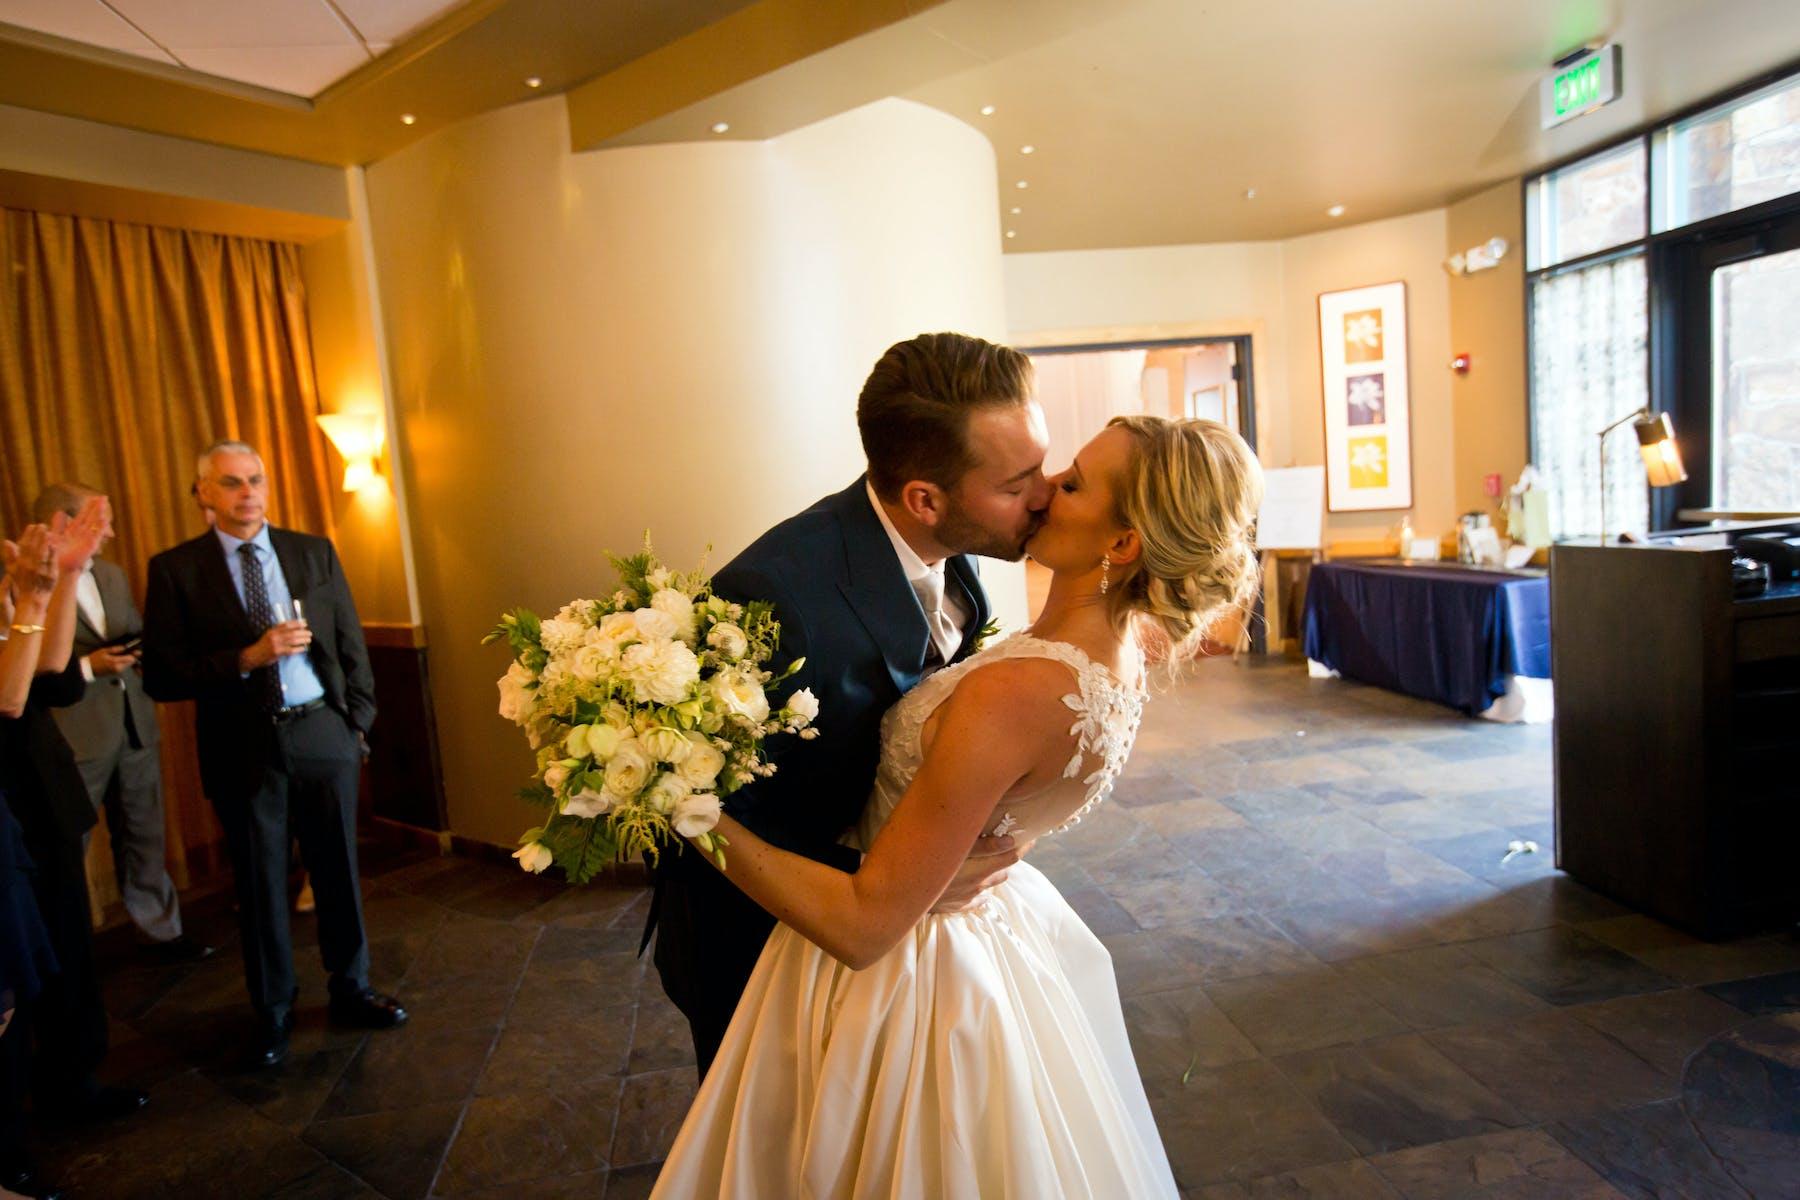 Larkspur Wedding Venue Vail Colorado Mountain Patio Bar Bride and Groom Kiss